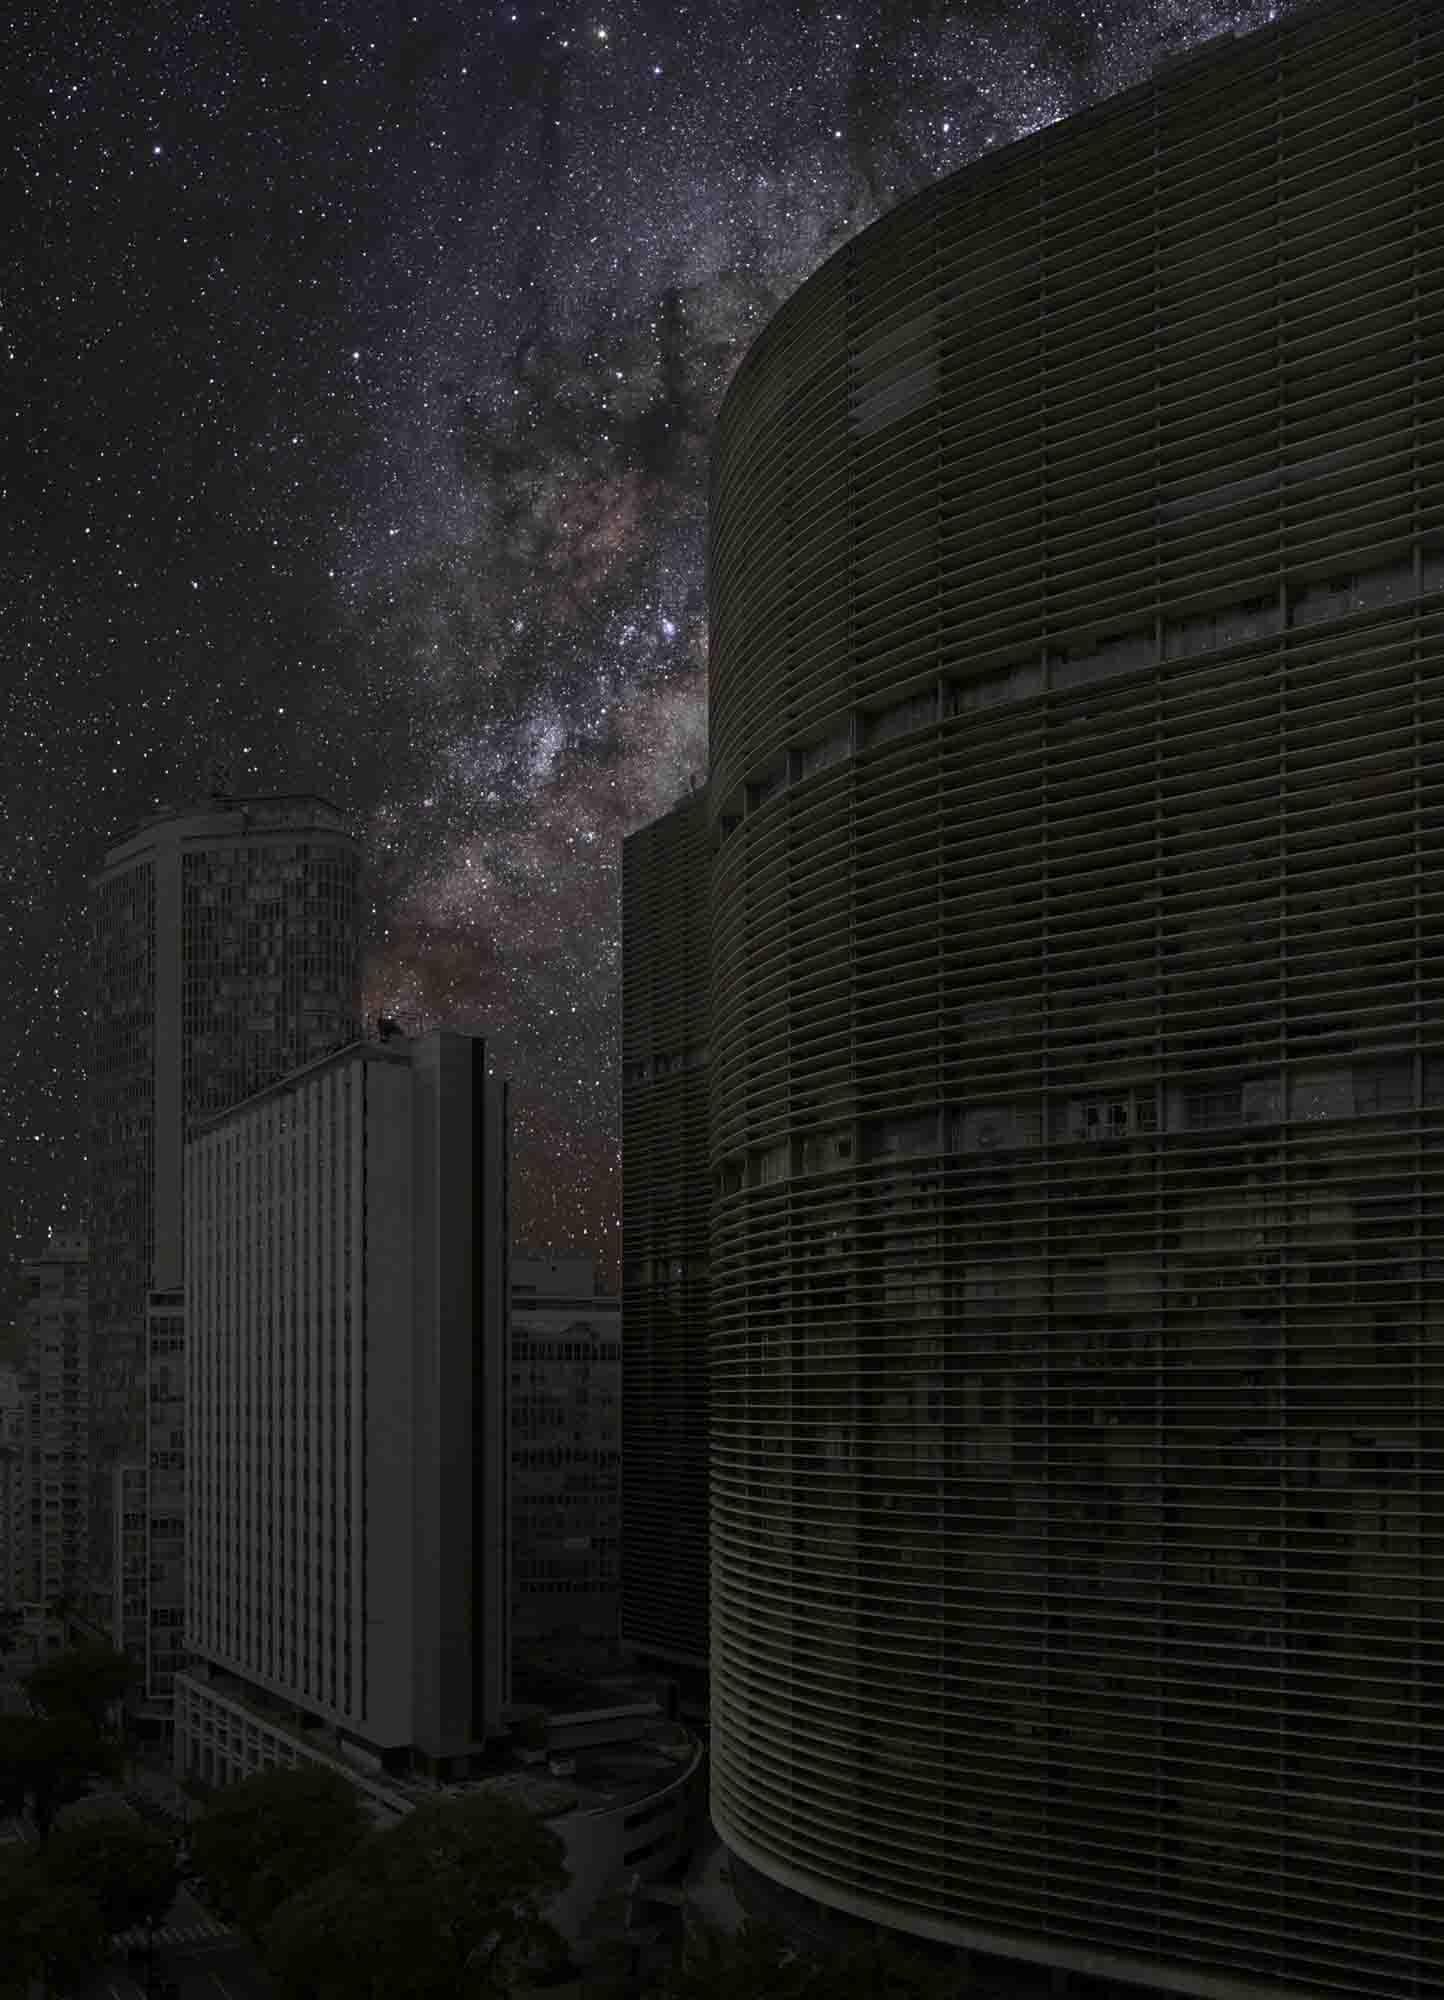 São Paulo 23° 32' 48'' S 2011-06-05 lst 13:55<br/>Darkened Cities - Villes éteintes